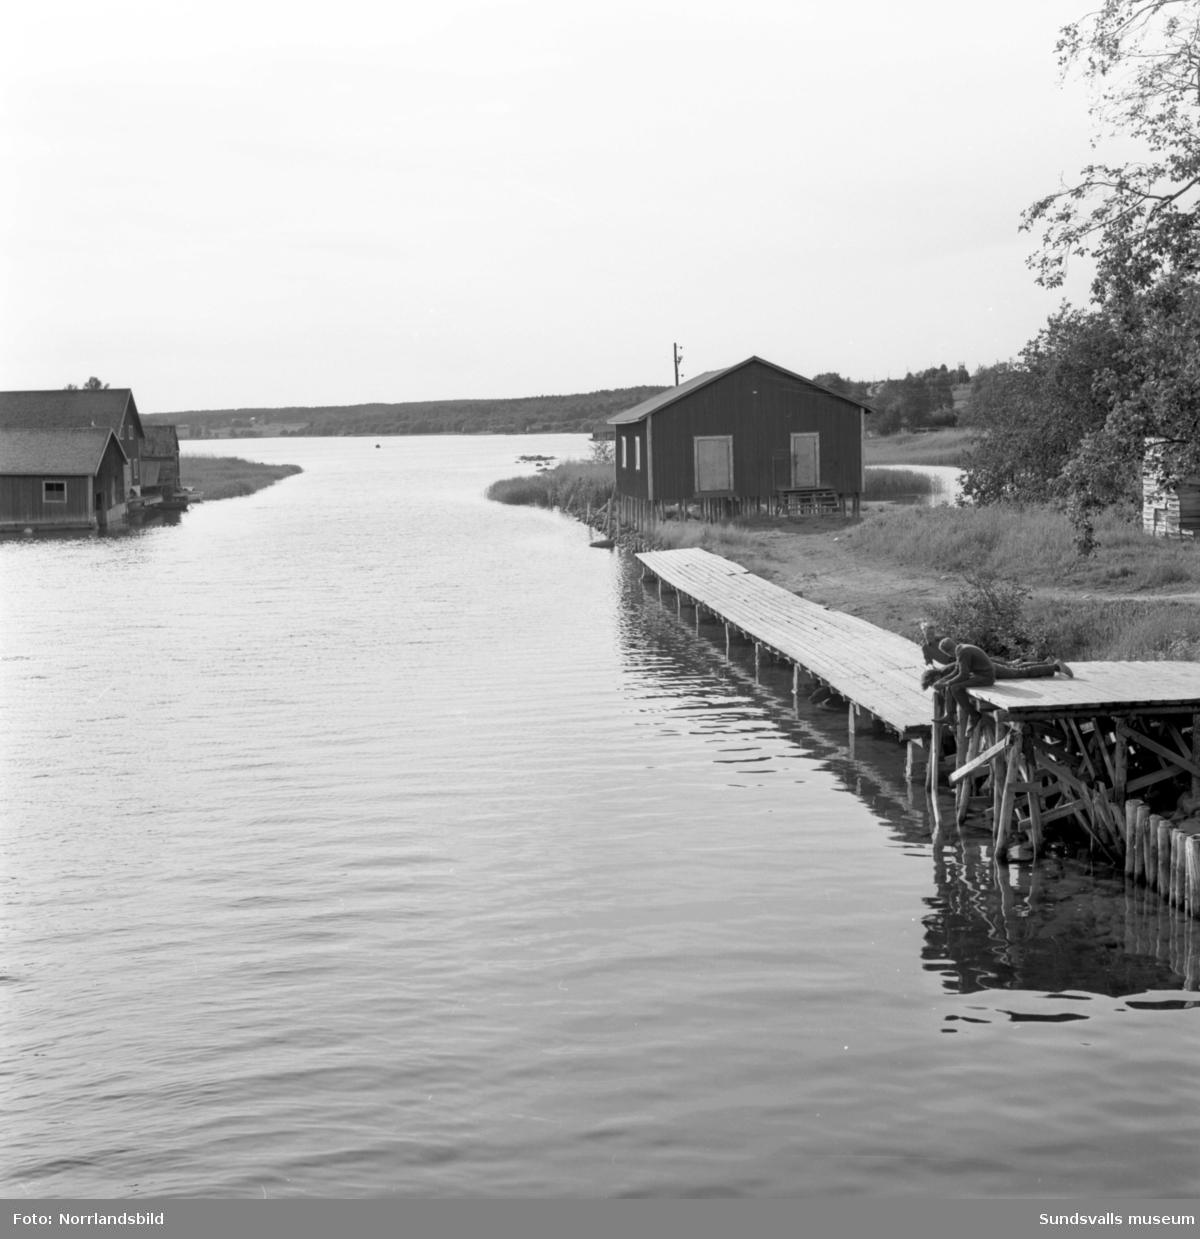 En grupp bilder från Tynderösundet. På första bilden passerar en buss den gamla bron mellan Tynderö och Åstön, två barn sitter på en brygga i förgrunden. Sjöbodar, midsommarstång och fiskebåtar.